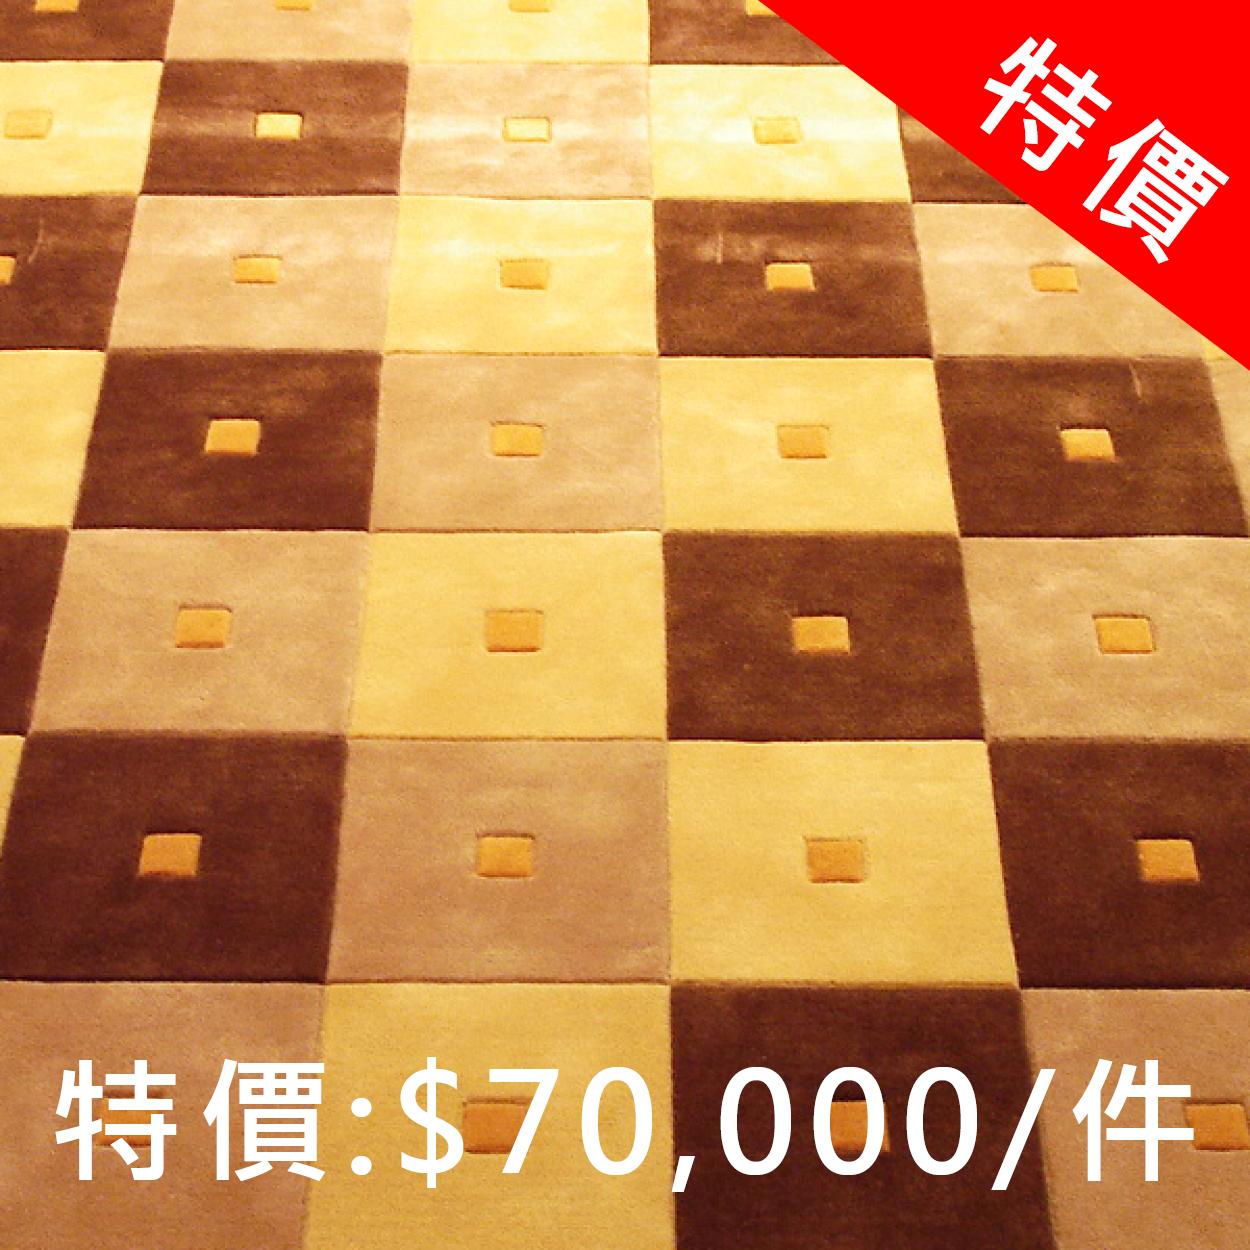 方格KMY半手工條毯  紐西蘭羊毛 300 x 300 cm 特價: 70,000元 *不含送貨運費,現貨1件售完為止。